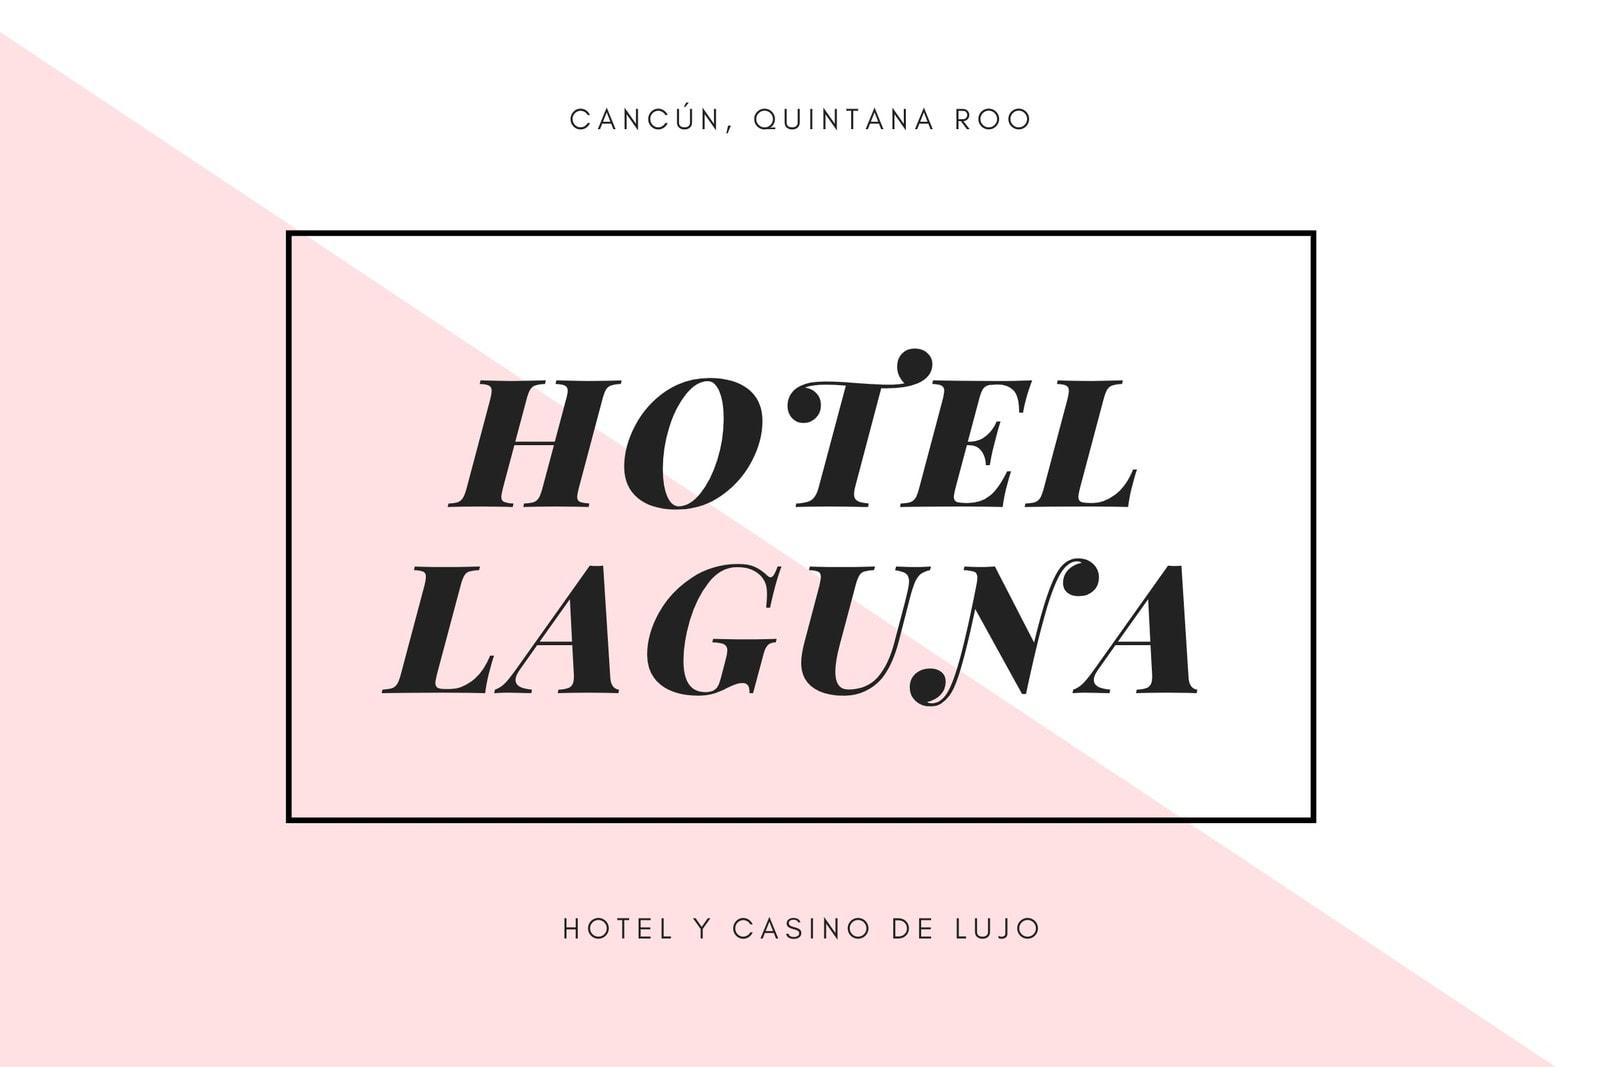 Rosa Minimalista Moderno Hotel Certificado de Regalo